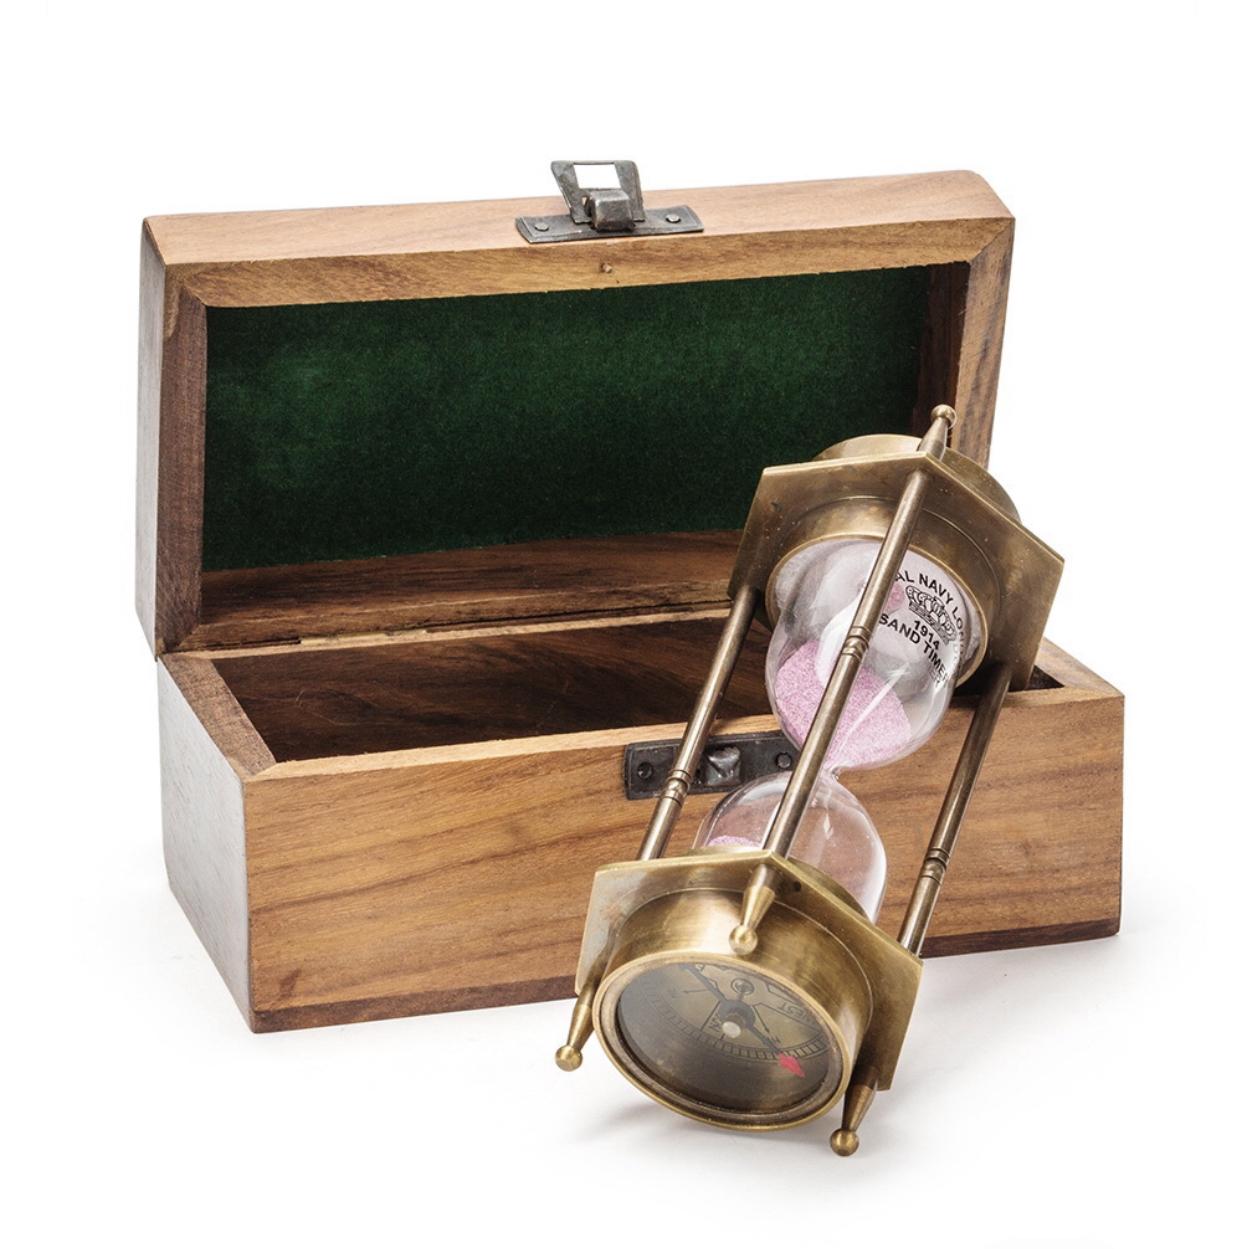 Песочные часы с компасом в деревянном футляре